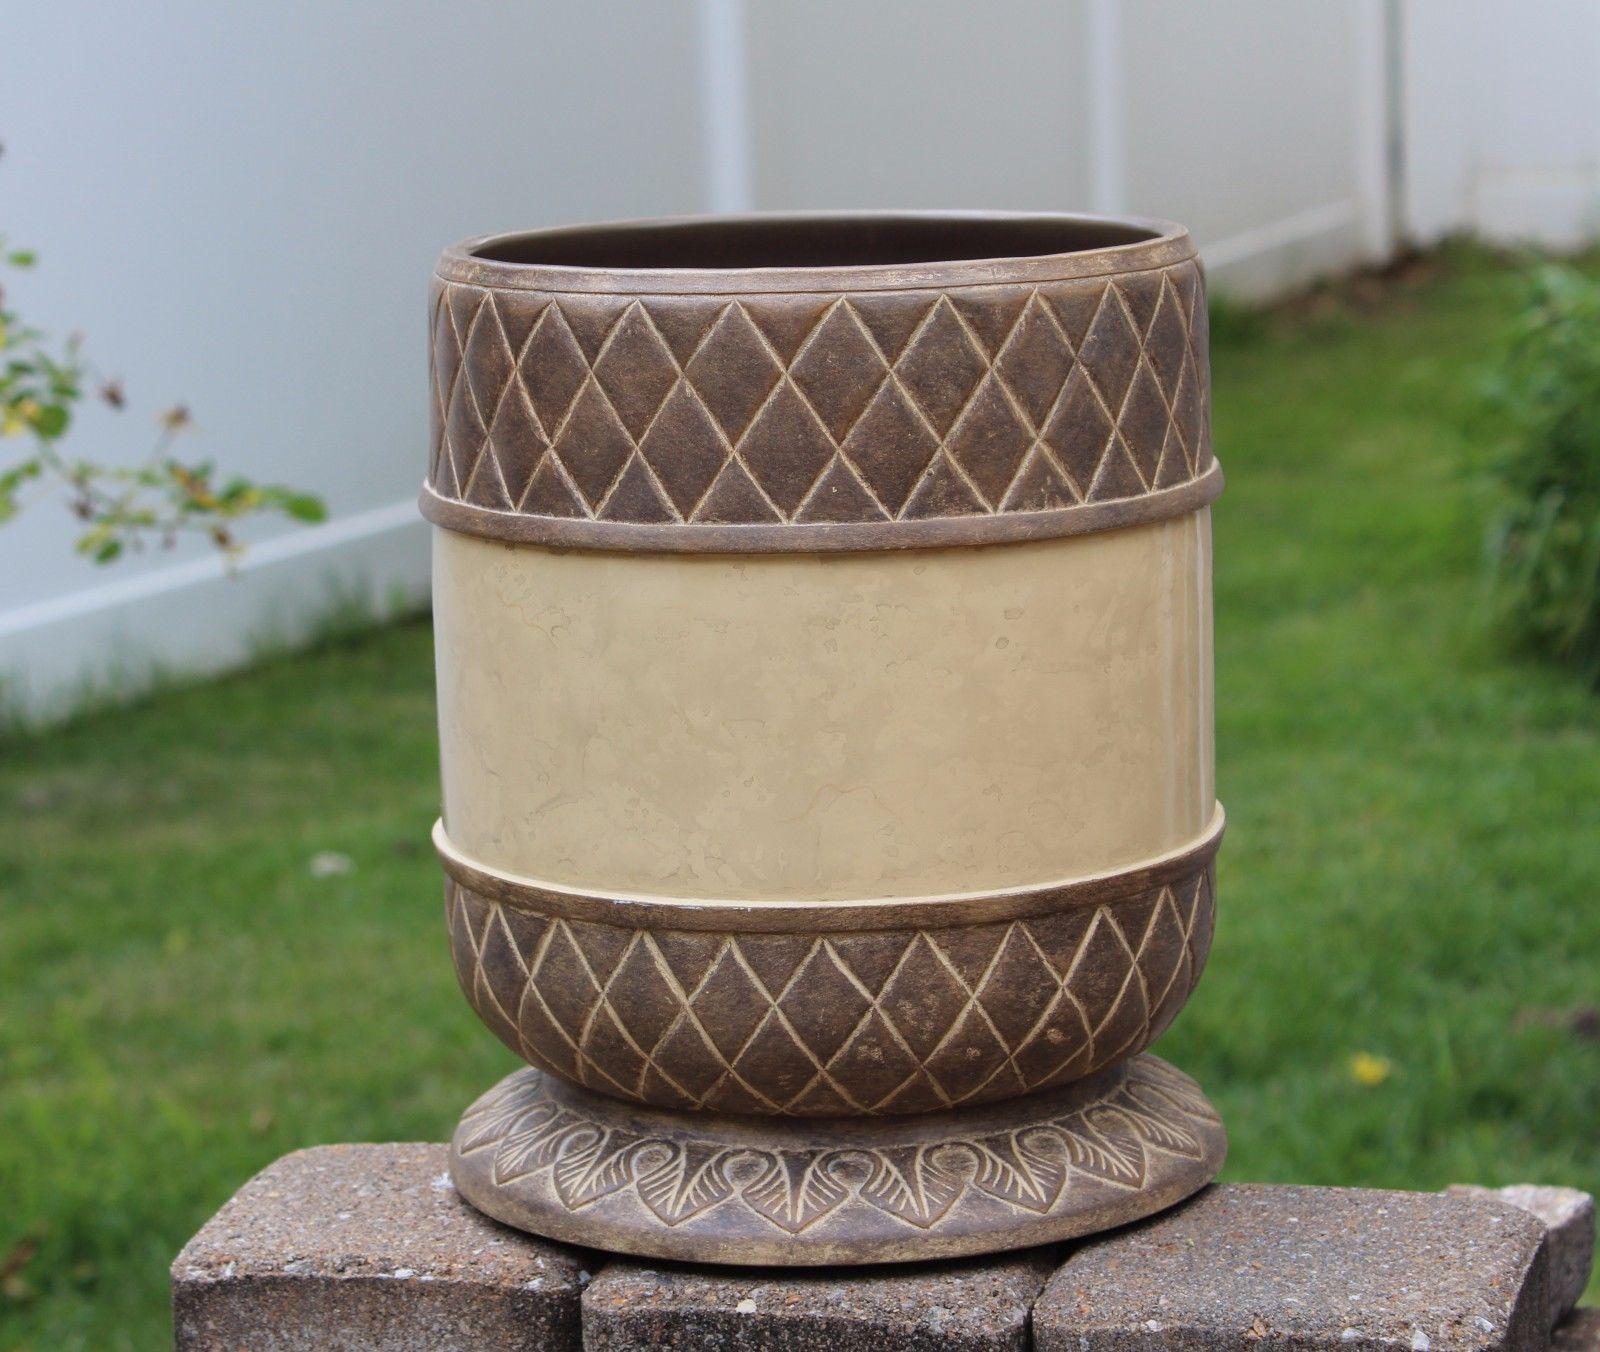 Corinthian Greek Decorative Trash Can Waste Basket Bathroom Accessory Resin - $49.99